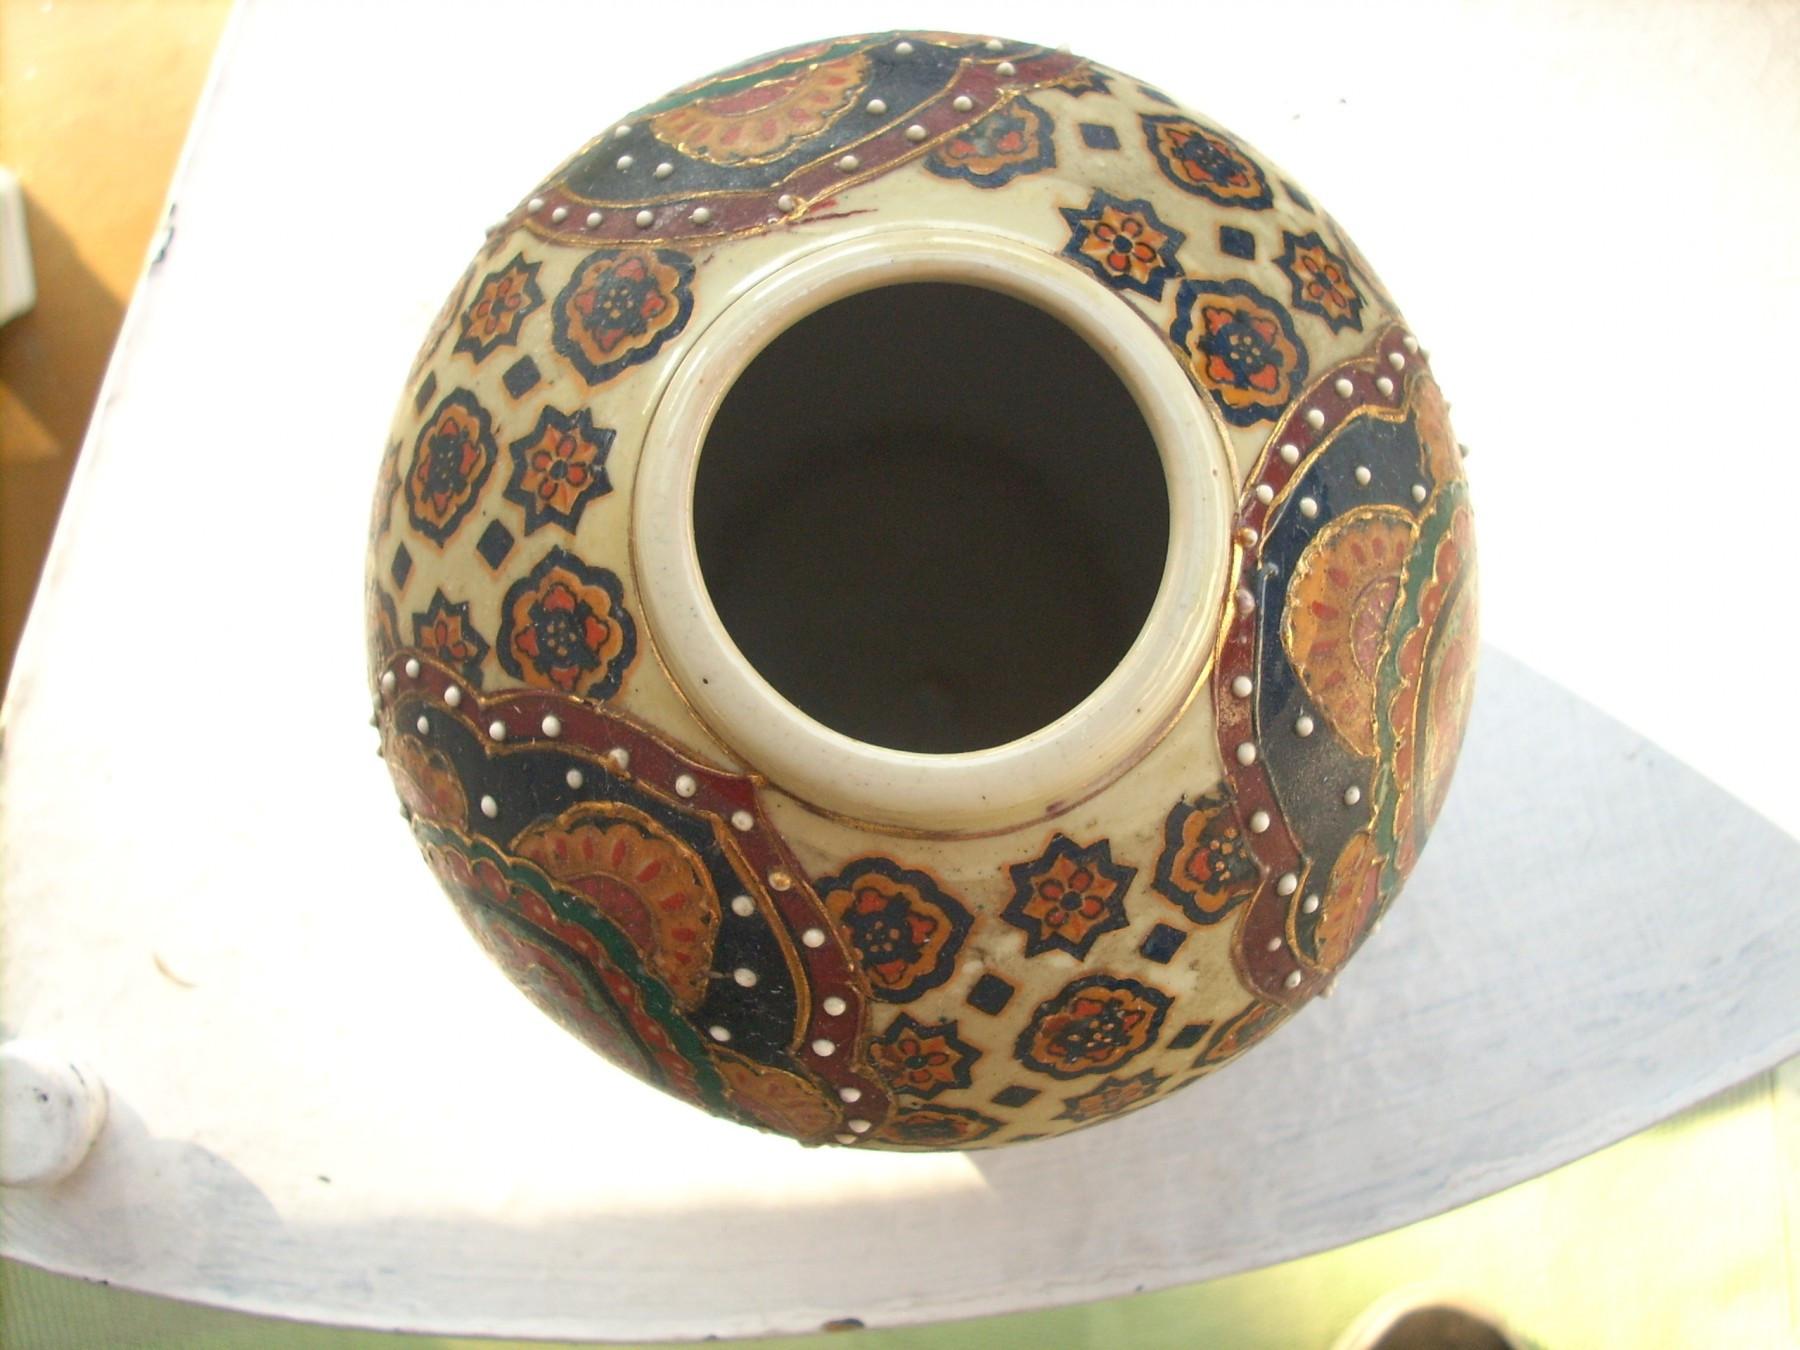 satsuma porcelain vase of satsuma od porcelana rucno oslikana 68534233 limundo com with regard to satsuma od porcelana rucno oslikana